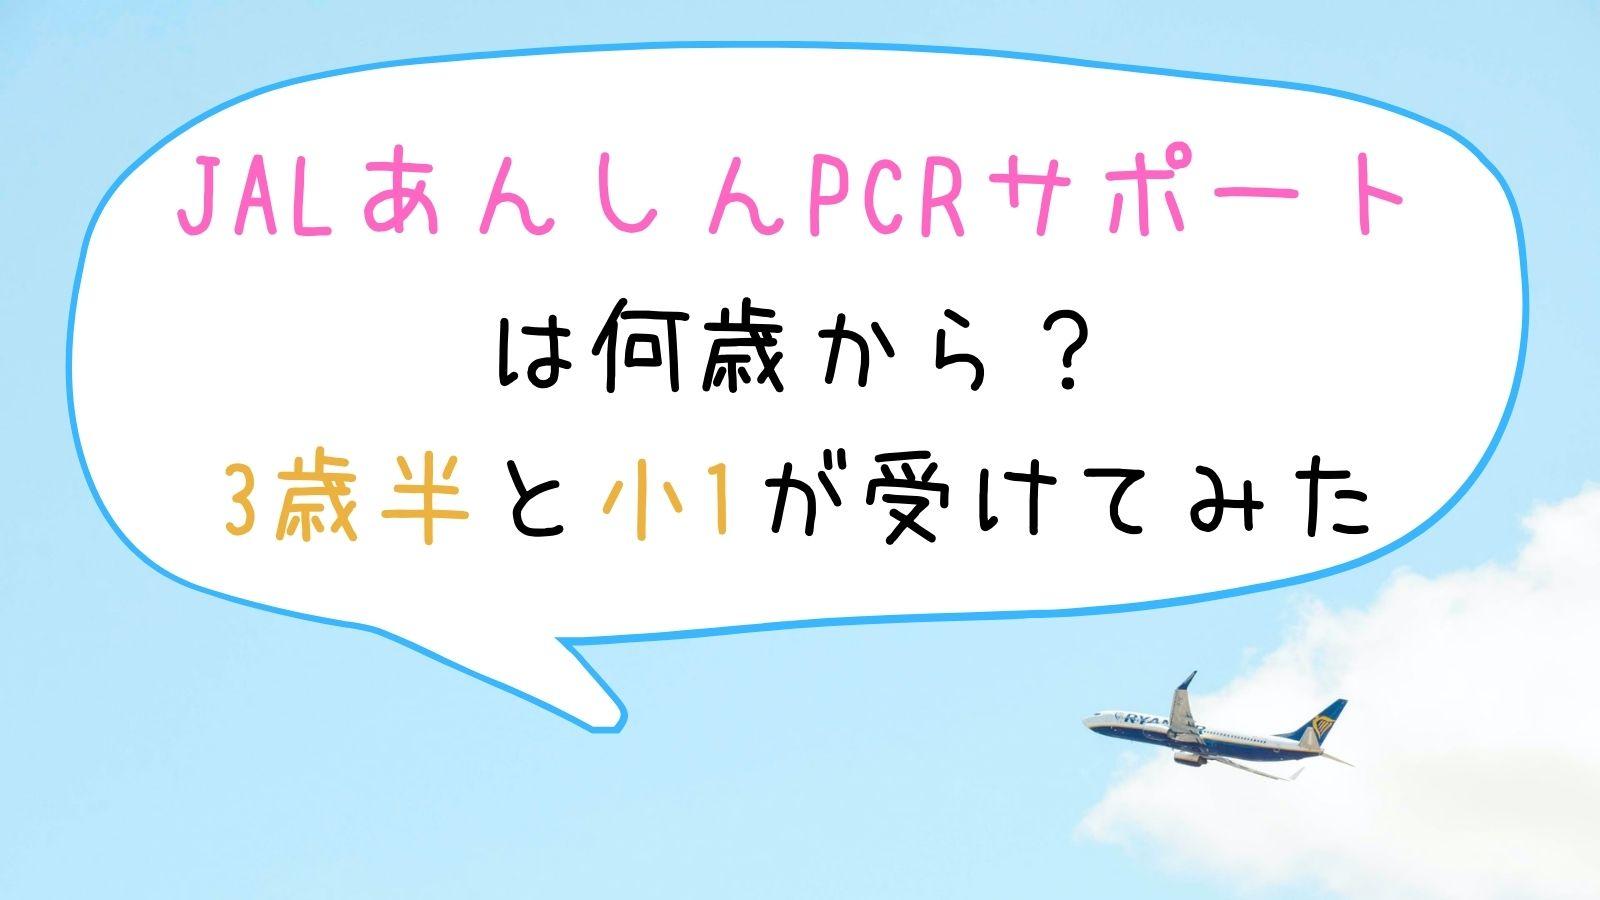 JALあんしんPCRサポートは何歳から?3歳小1おすすめポイント注意ポイント